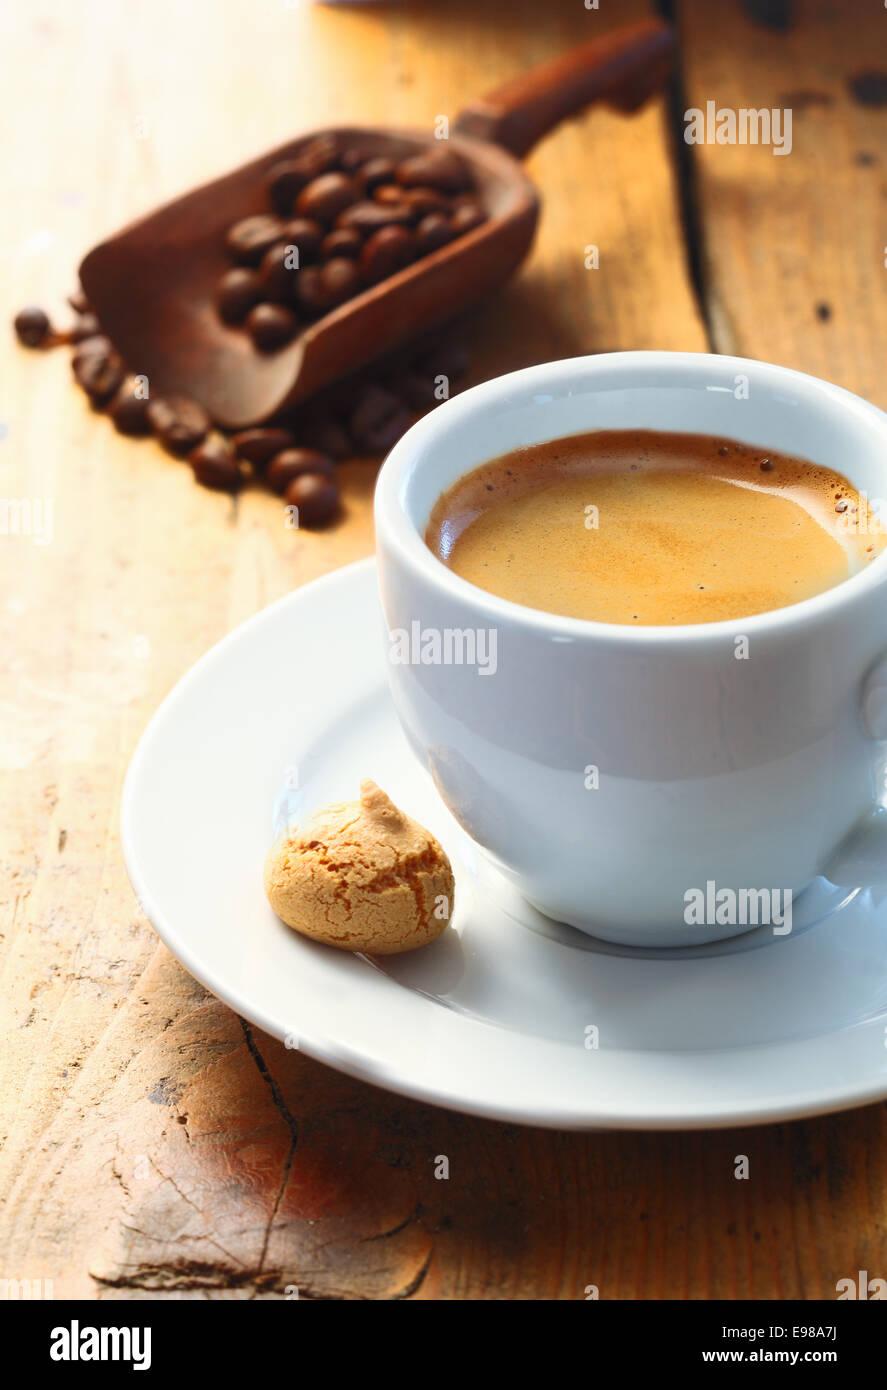 Starken aromatischen Espressokaffee in einer kleinen Tasse mit einem Makronen auf der Seite und eine Kugel von Kaffeebohnen Stockbild